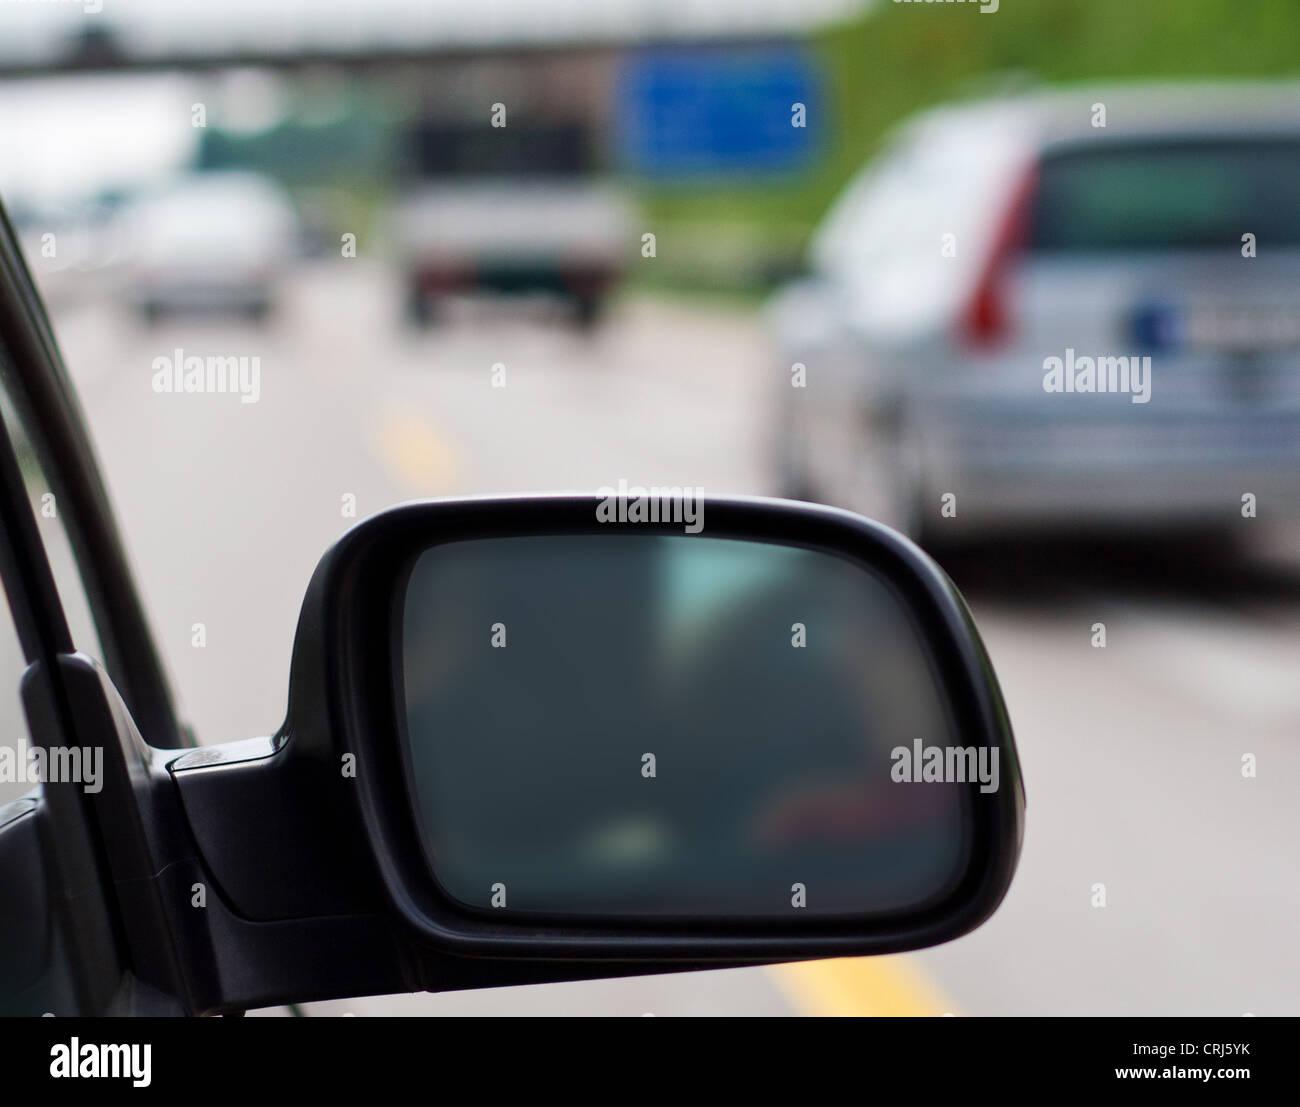 Specchietto retrovisore di una vettura guida su autostrada tedesca. Foto Stock